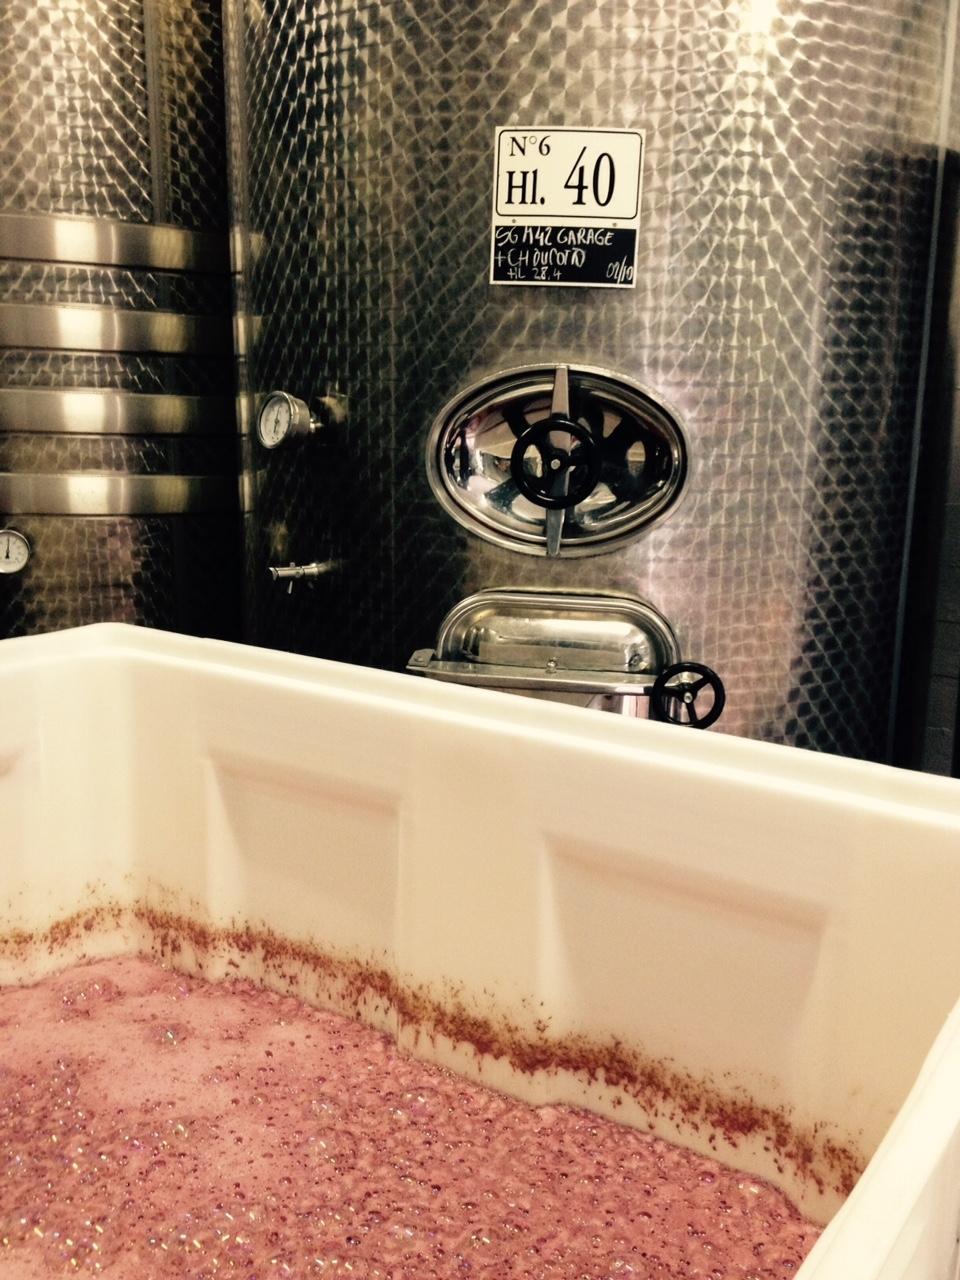 Poggio al Sole, uno de los sobre trecientos productores de vinos Chianti en la región, se rige por un proceso excesivamente cuidado para enfrentar tan agresiva competencia. Foto: Bruny Nieves